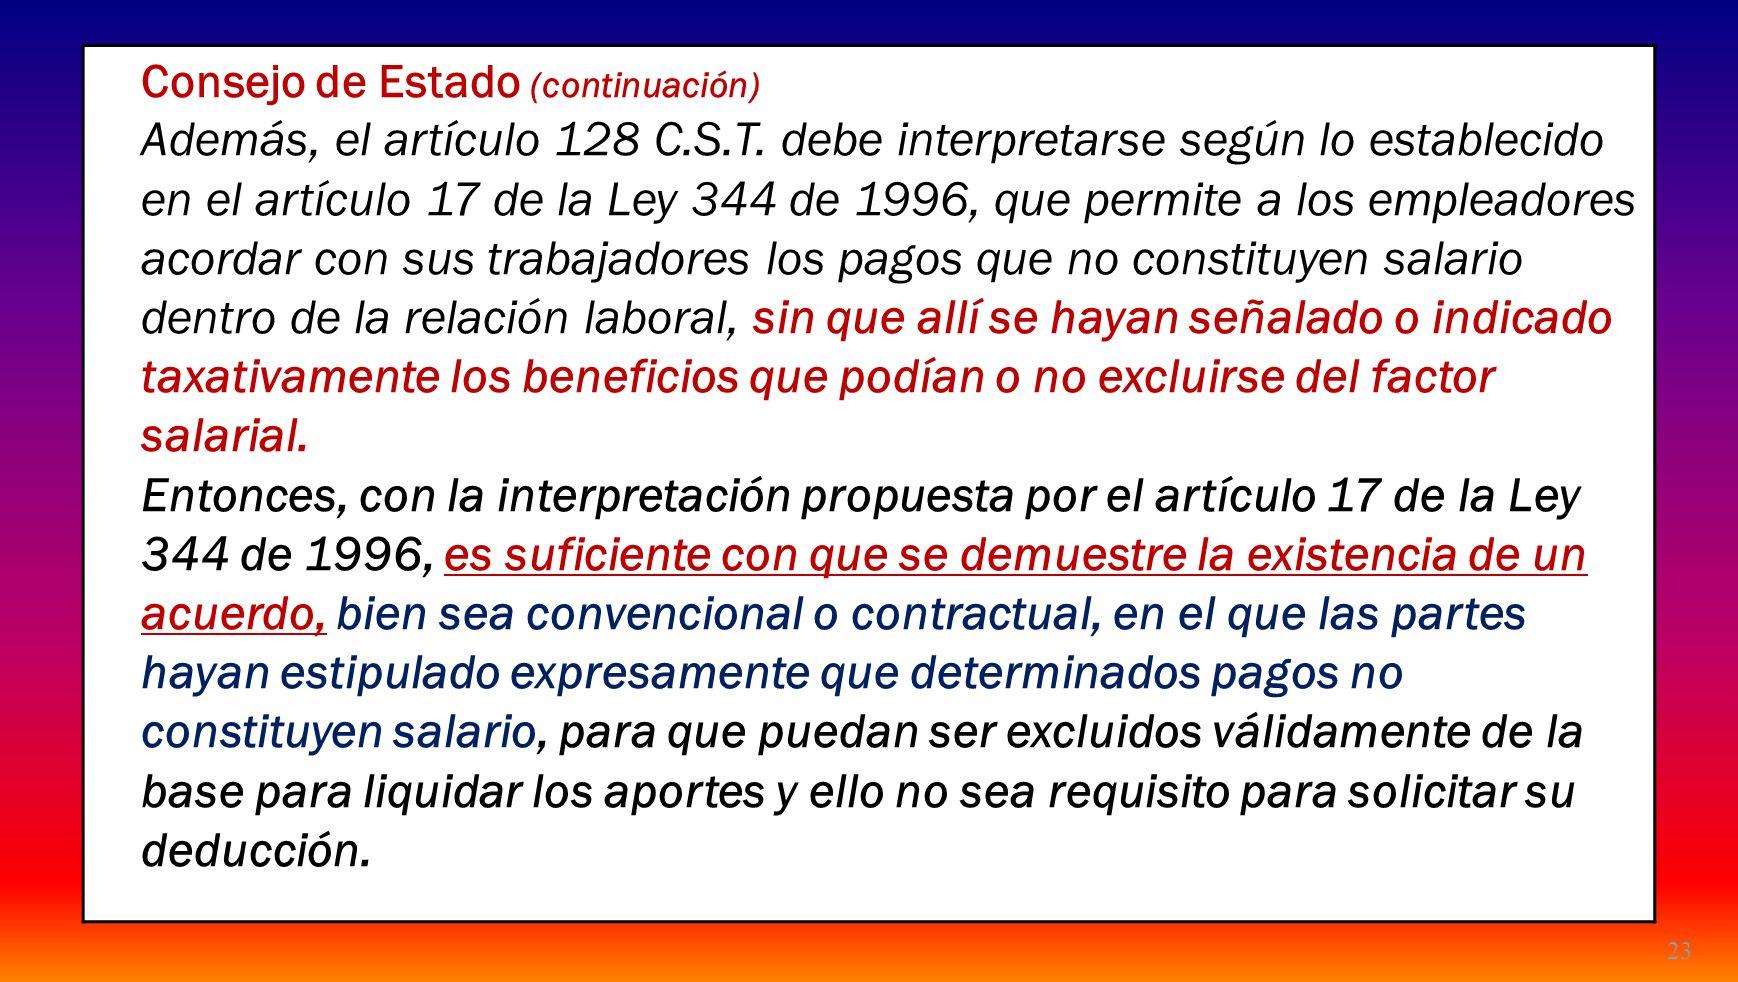 23 Consejo de Estado (continuación) Además, el artículo 128 C.S.T. debe interpretarse según lo establecido en el artículo 17 de la Ley 344 de 1996, qu